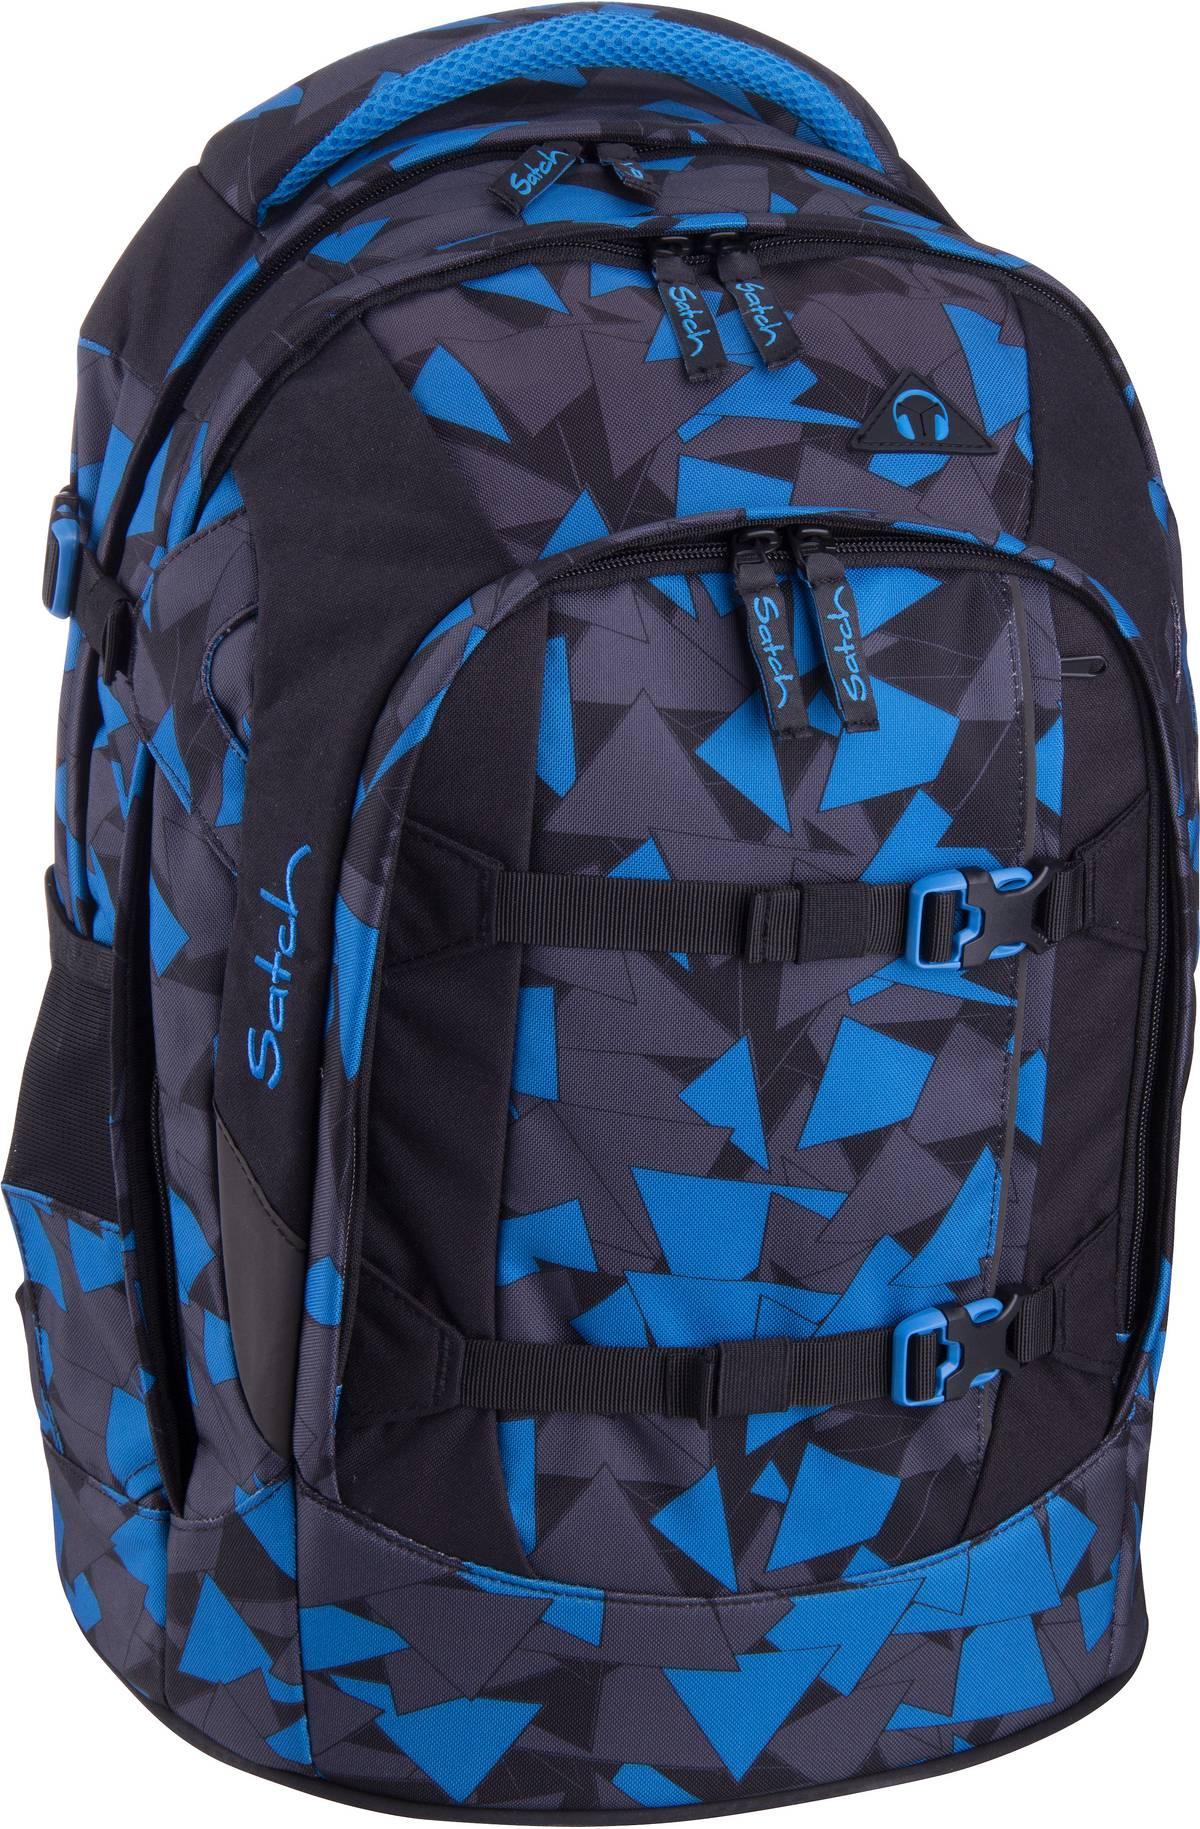 Schulrucksack pack 3.0 Blue Triangle (30 Liter)